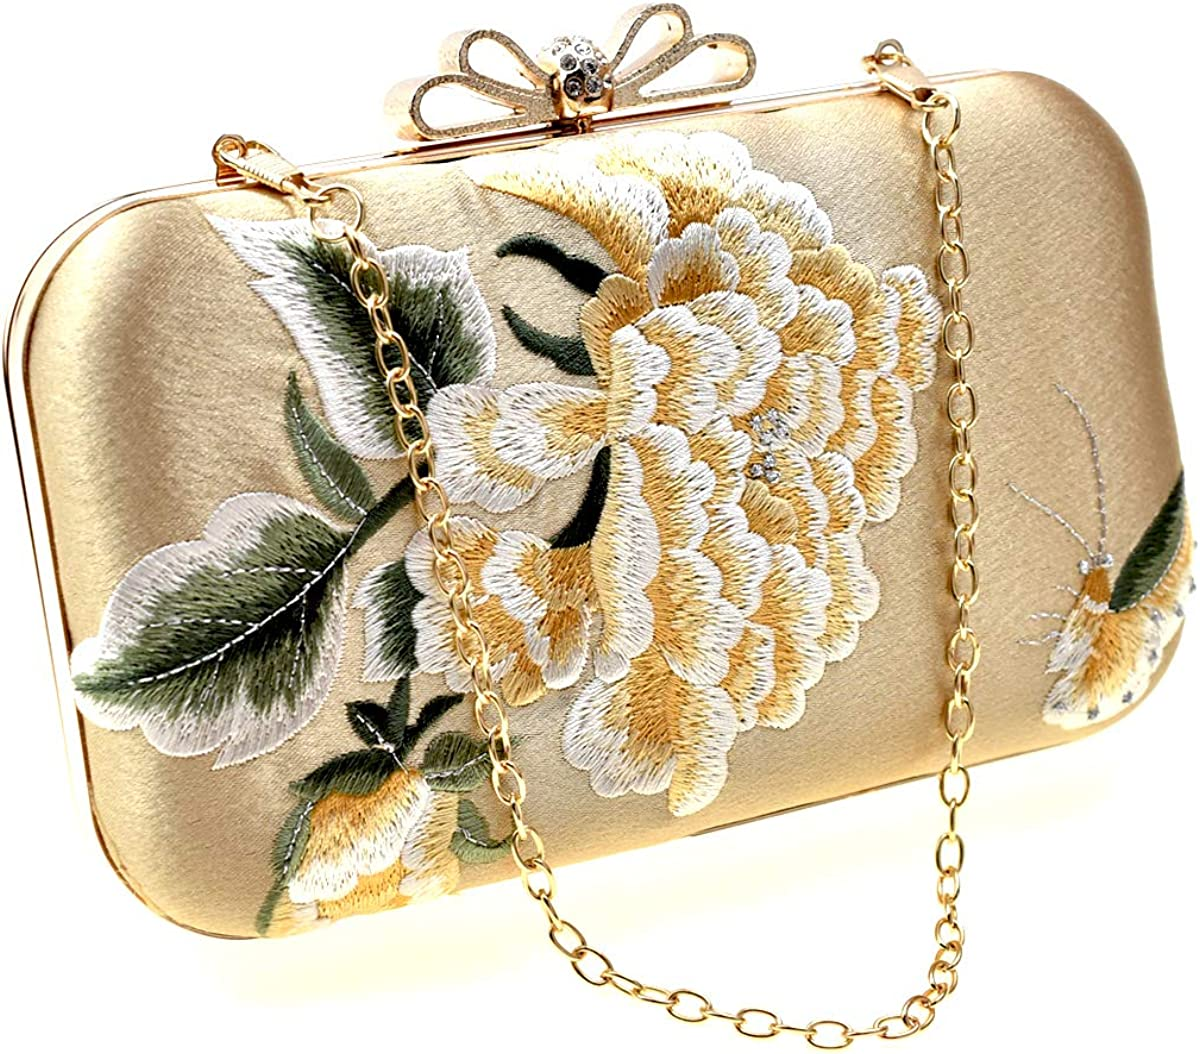 Flower Clutch Purse for Women, Embroidery Wedding Evening Bag Wedding Clutch Bridal Handbag